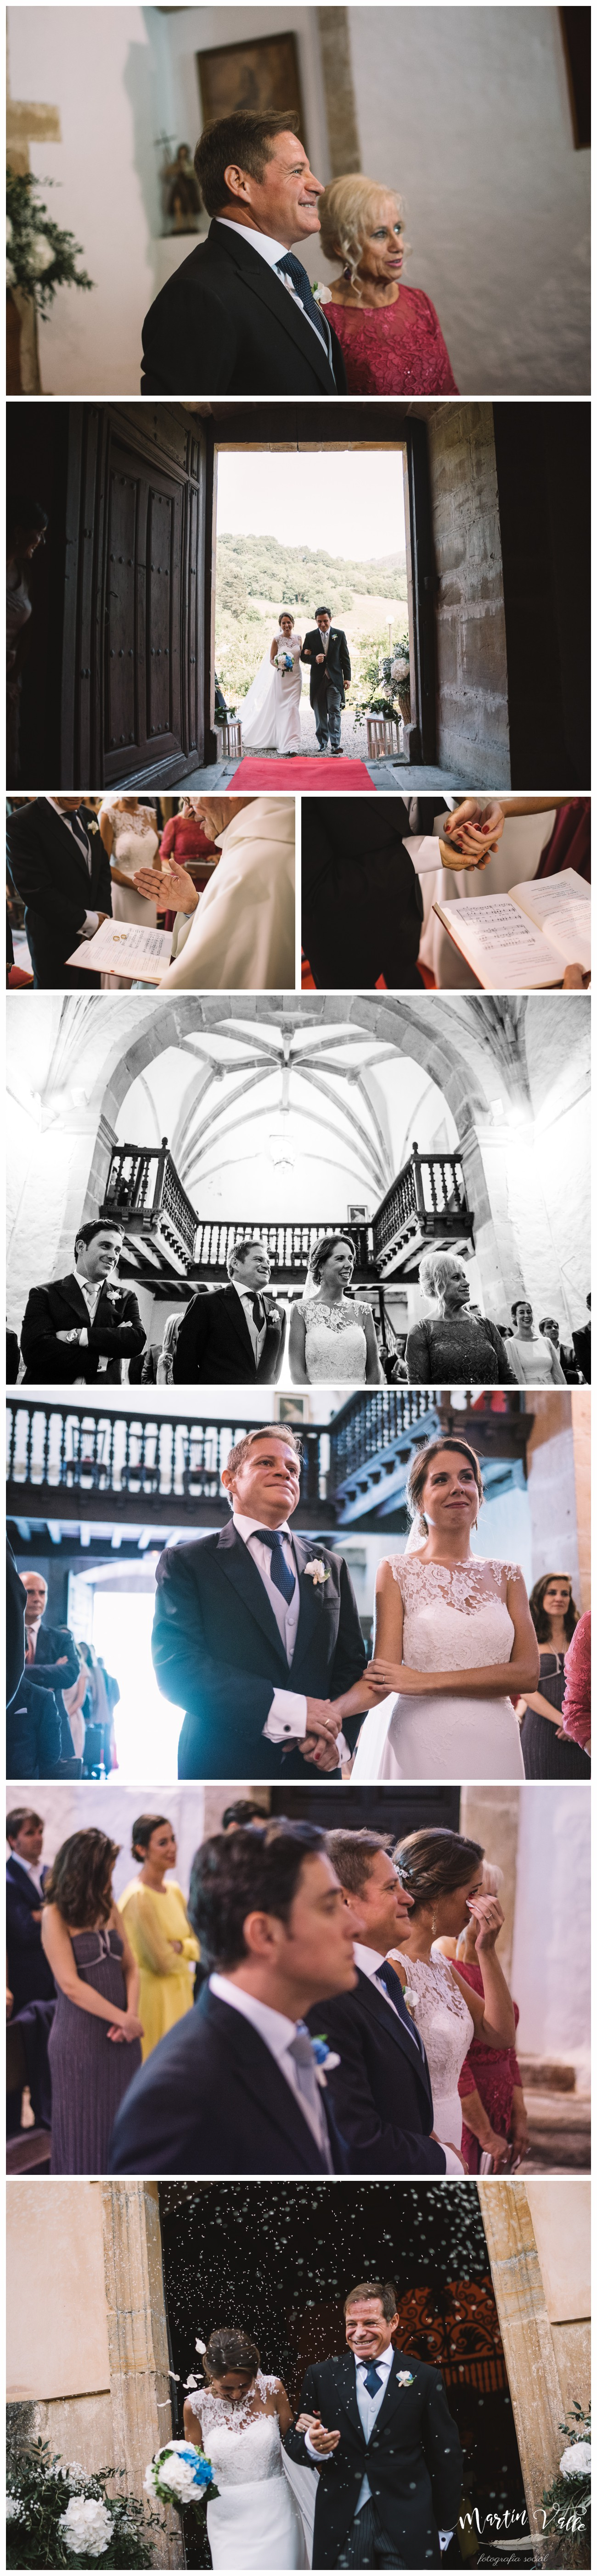 CEREMONIA RELIGIOSA EN EL PALACIO DEL MARQUES DE CASA ESTRADA